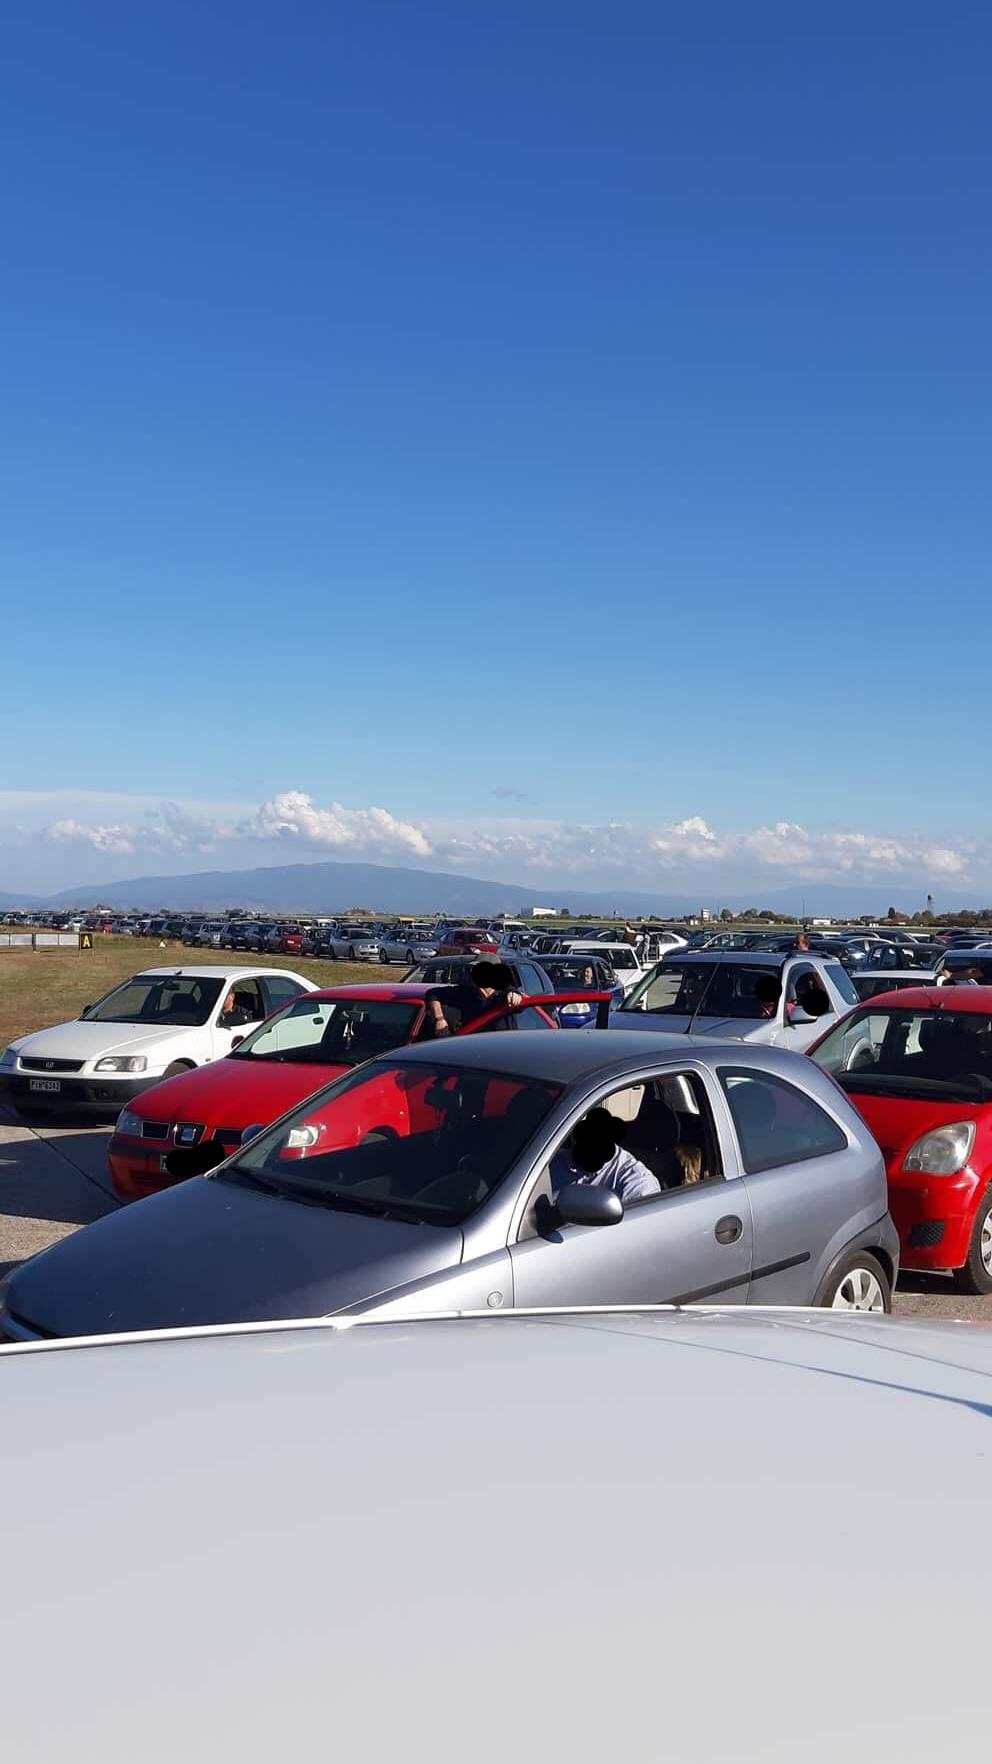 «Εγκλωβισμένα» παραμένουν εδώ και μια ώρα τα οχήματα στην 110 Πτέρυγα Μάχης στη Λάρισα ΦΩΤΟ